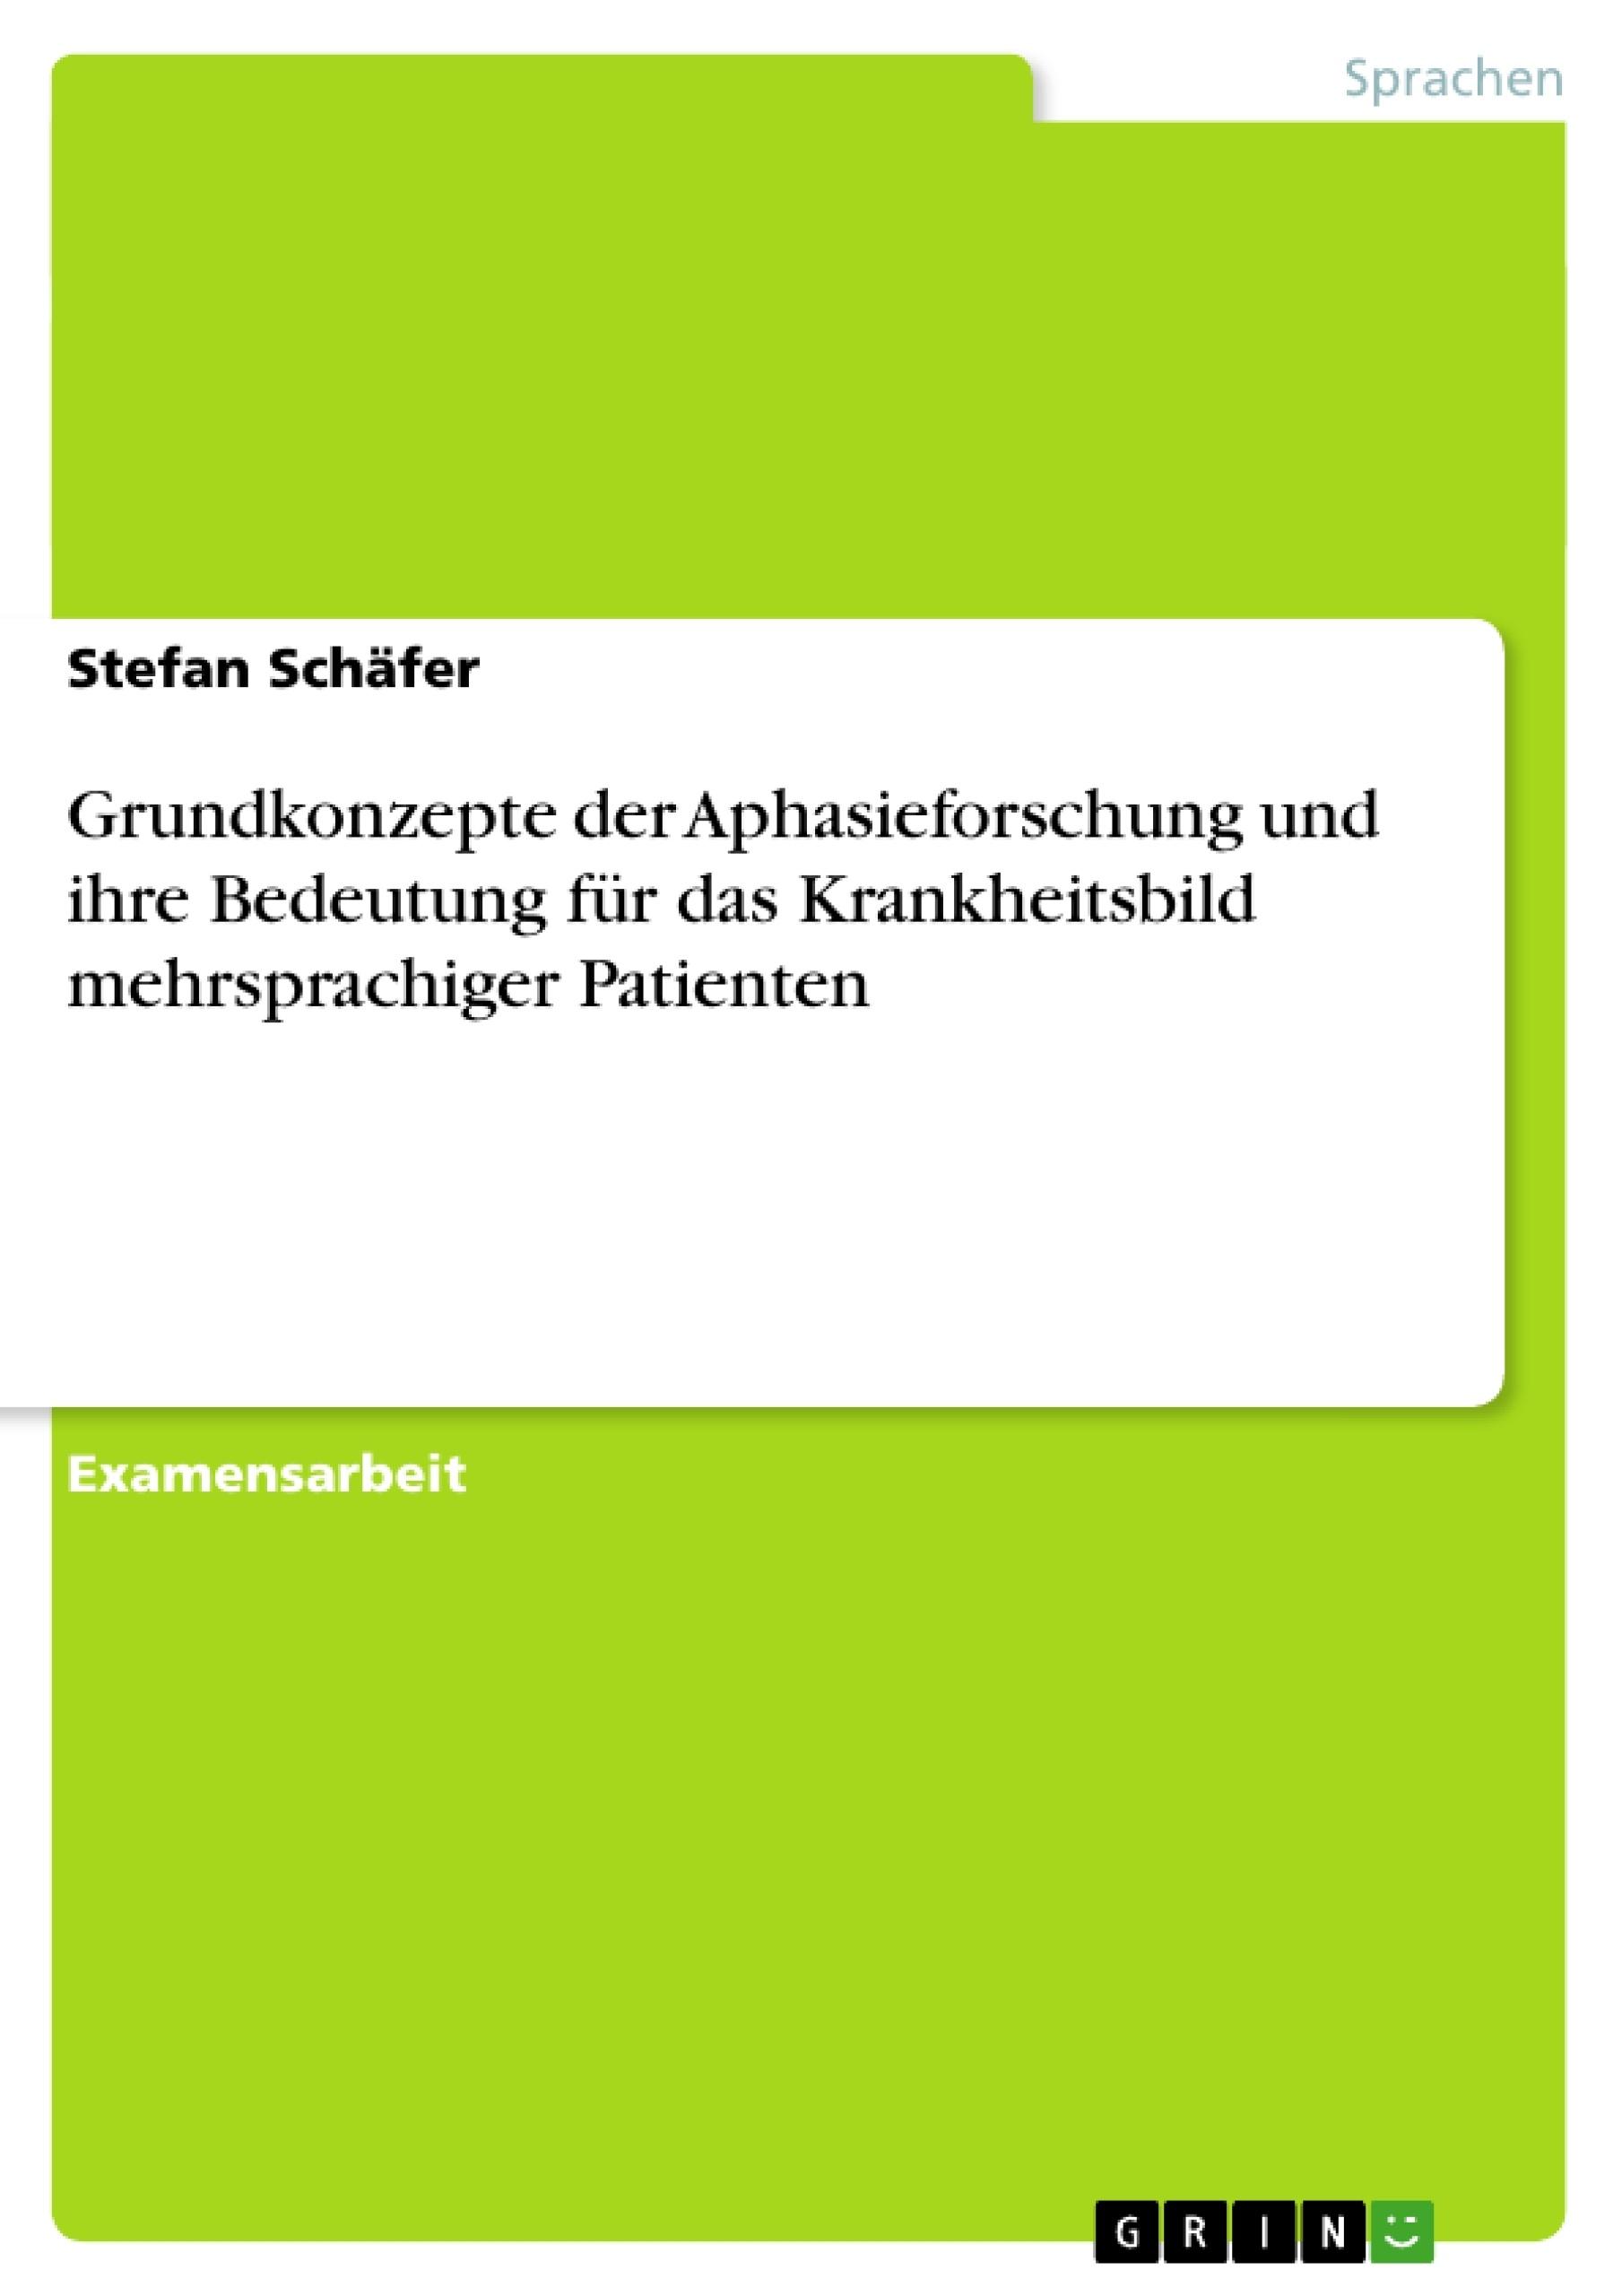 Titel: Grundkonzepte der Aphasieforschung und ihre Bedeutung für das Krankheitsbild mehrsprachiger Patienten